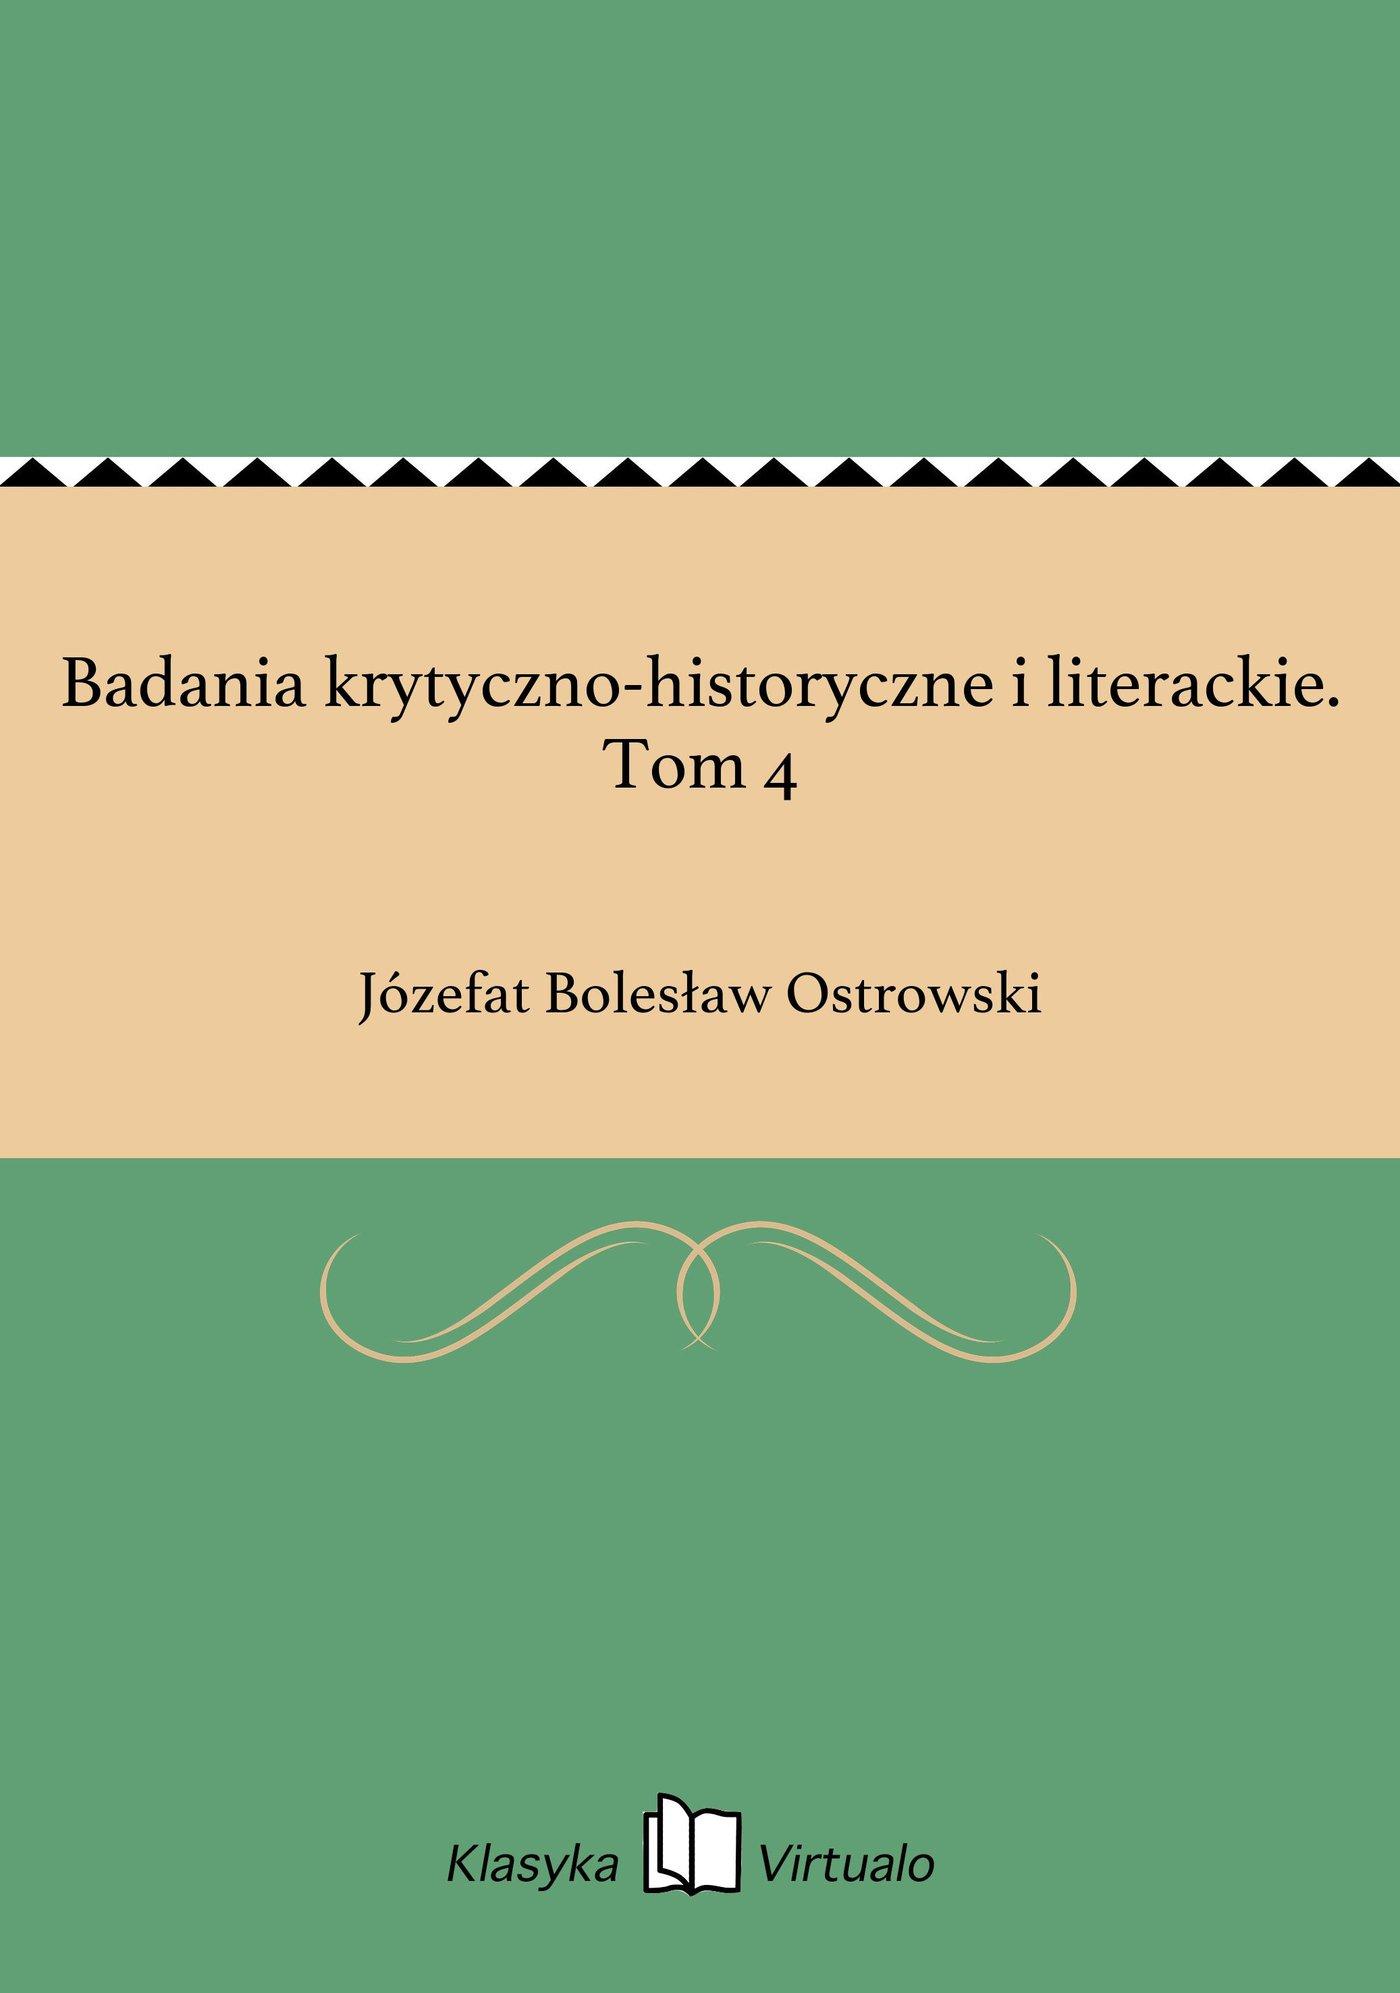 Badania krytyczno-historyczne i literackie. Tom 4 - Ebook (Książka na Kindle) do pobrania w formacie MOBI